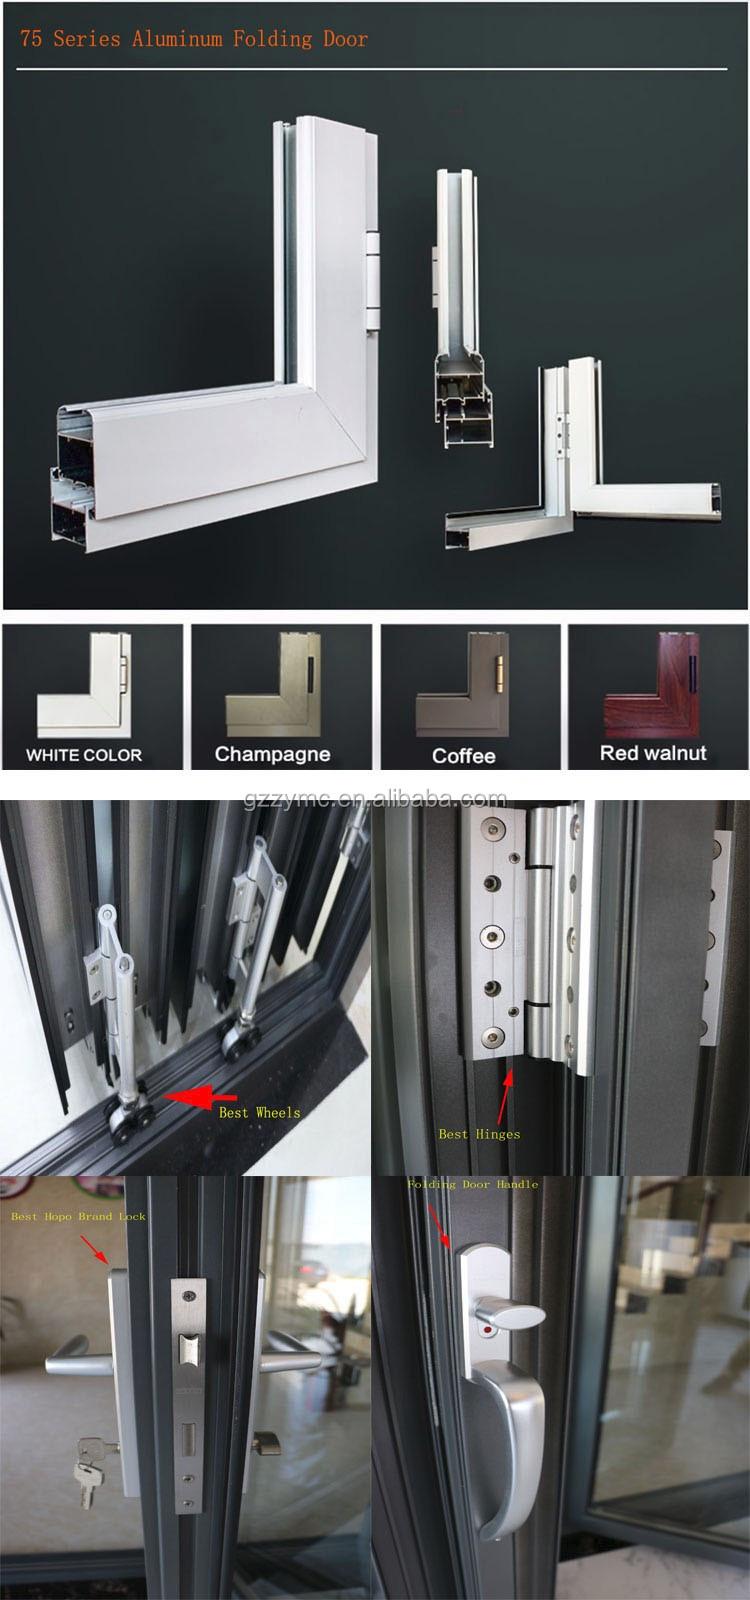 Images of Aluminium Folding Door Factory - Losro.com